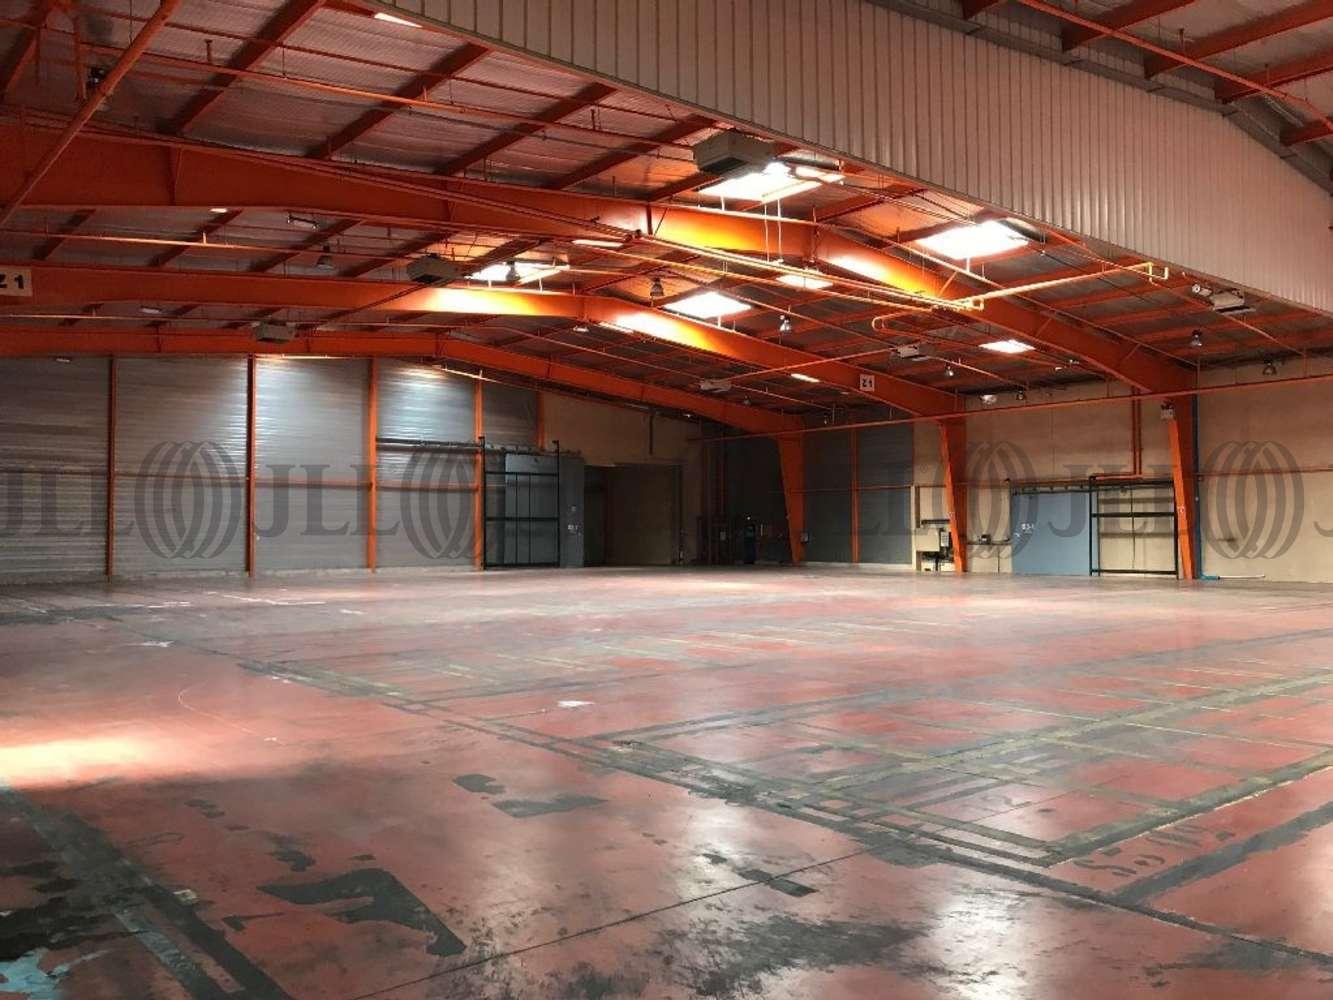 Plateformes logistiques Tarascon, 13150 - Achat / Location entrepot Marseille - 9569339